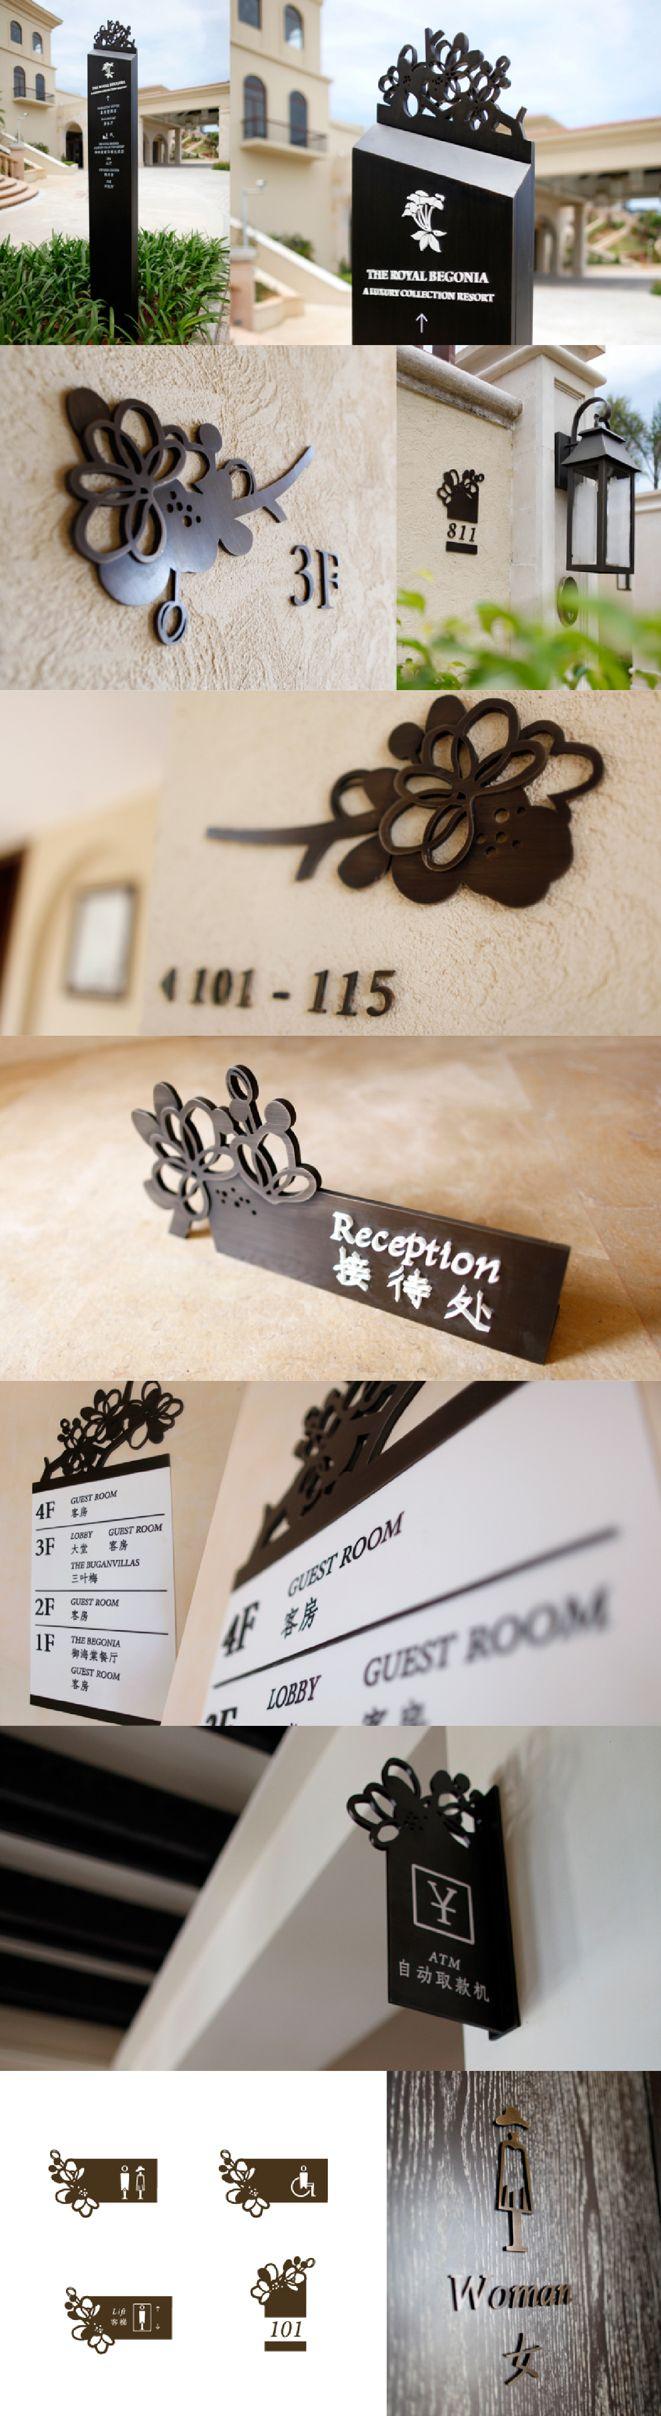 #Signalétique #Signage #Découpe #Black #Design